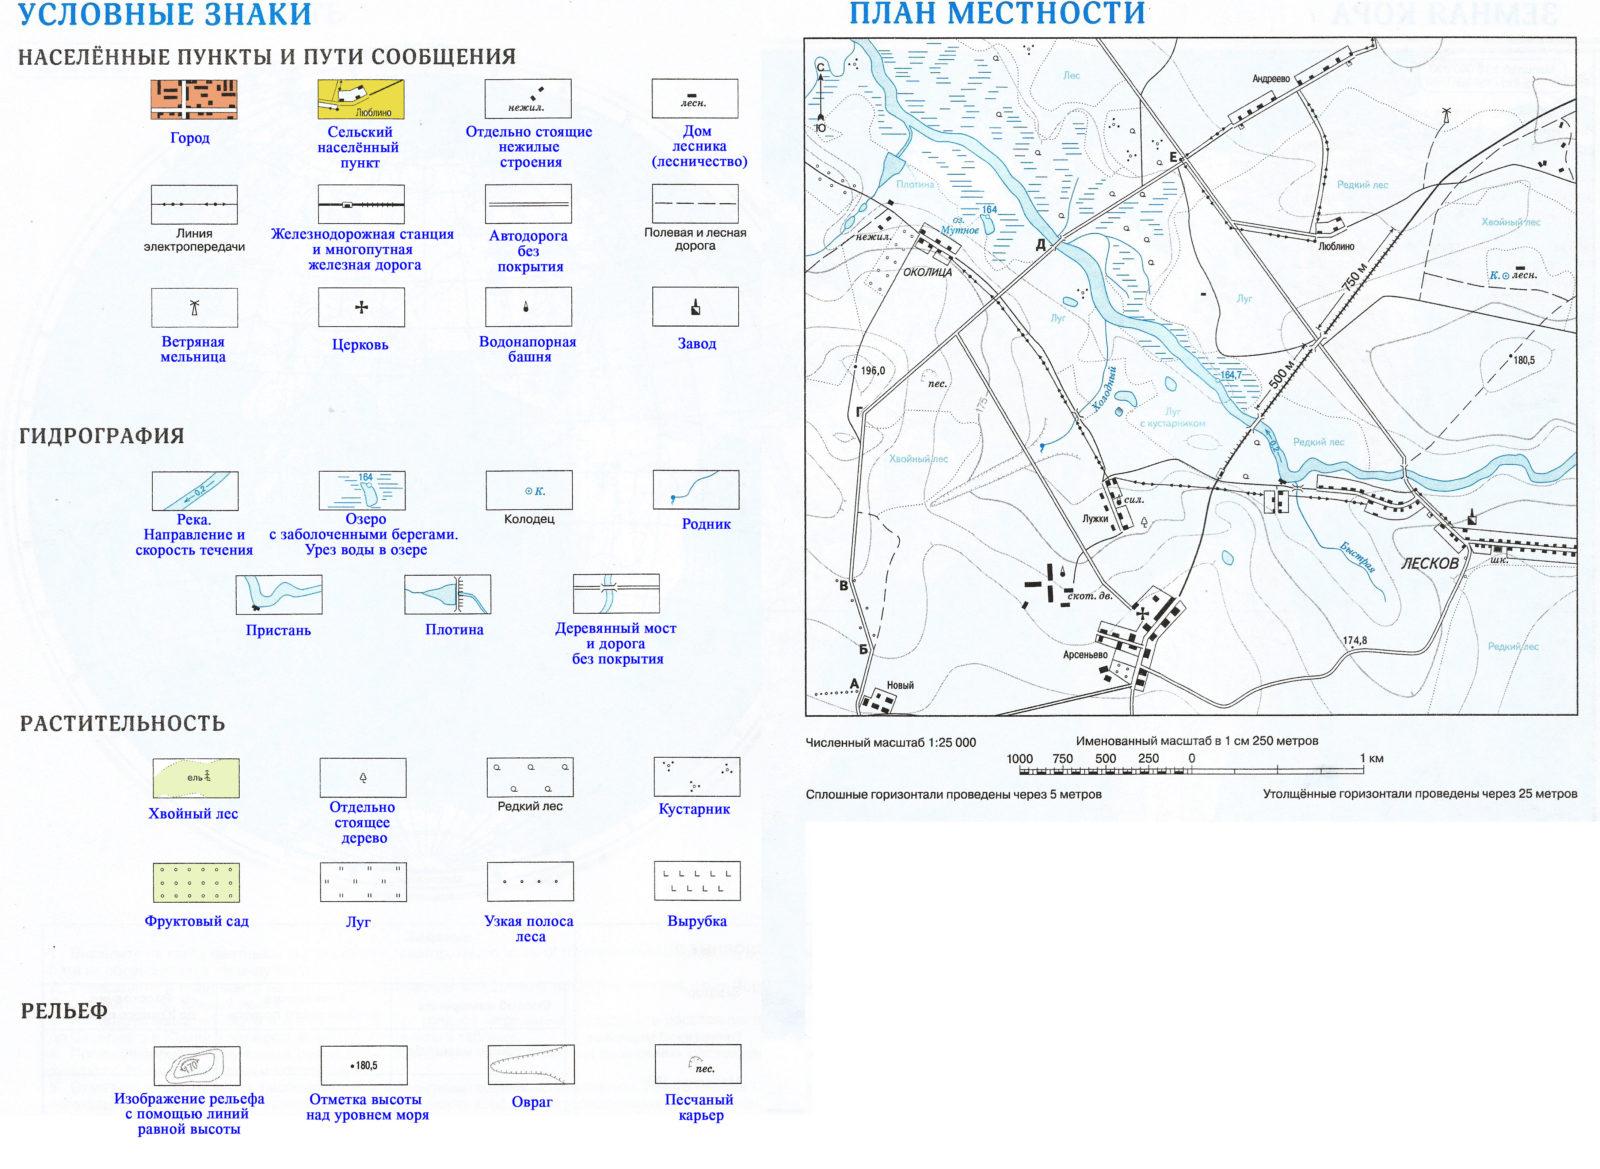 Условные знаки и способы изображения объектов и явлений на географических картах. урок 8